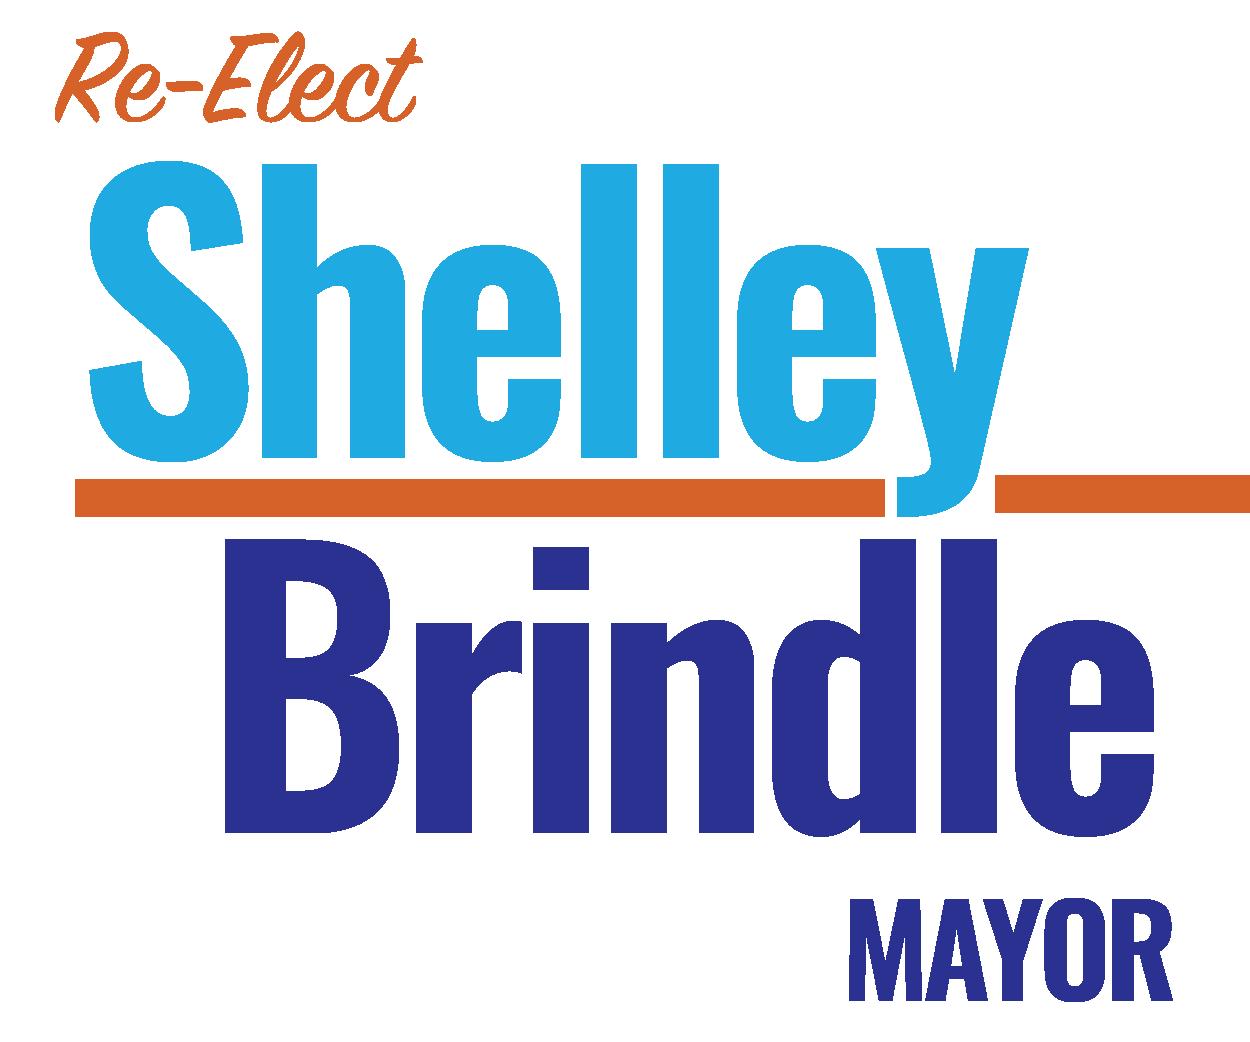 Re-elect Westfield Mayor Shelley Brindle